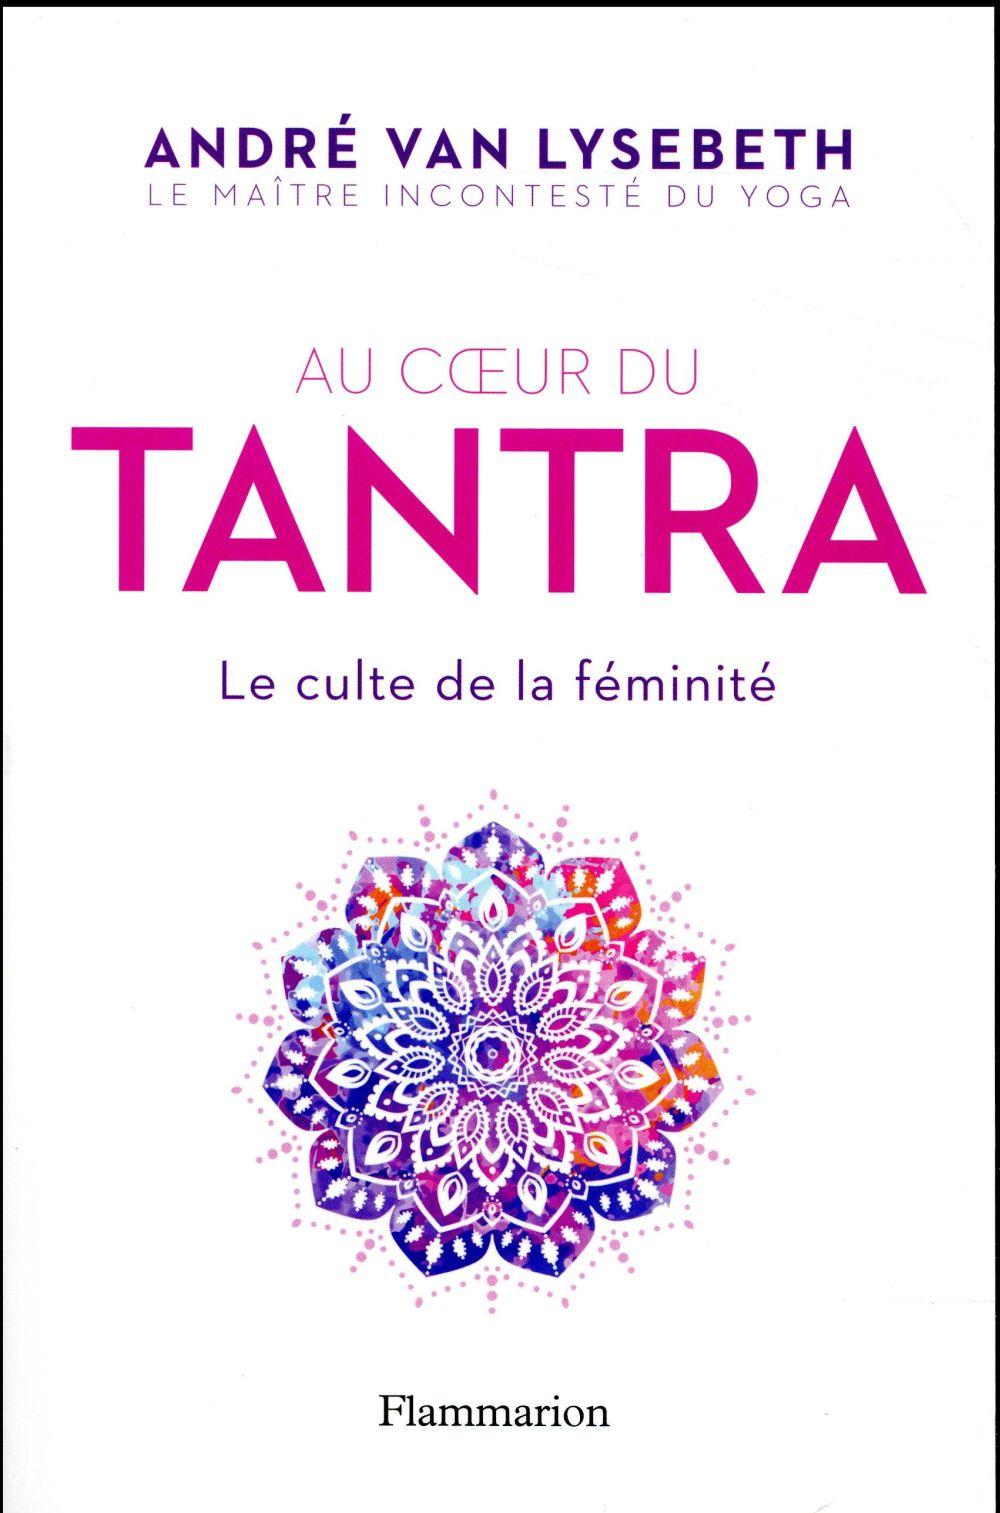 Tantra, le culte de la féminité